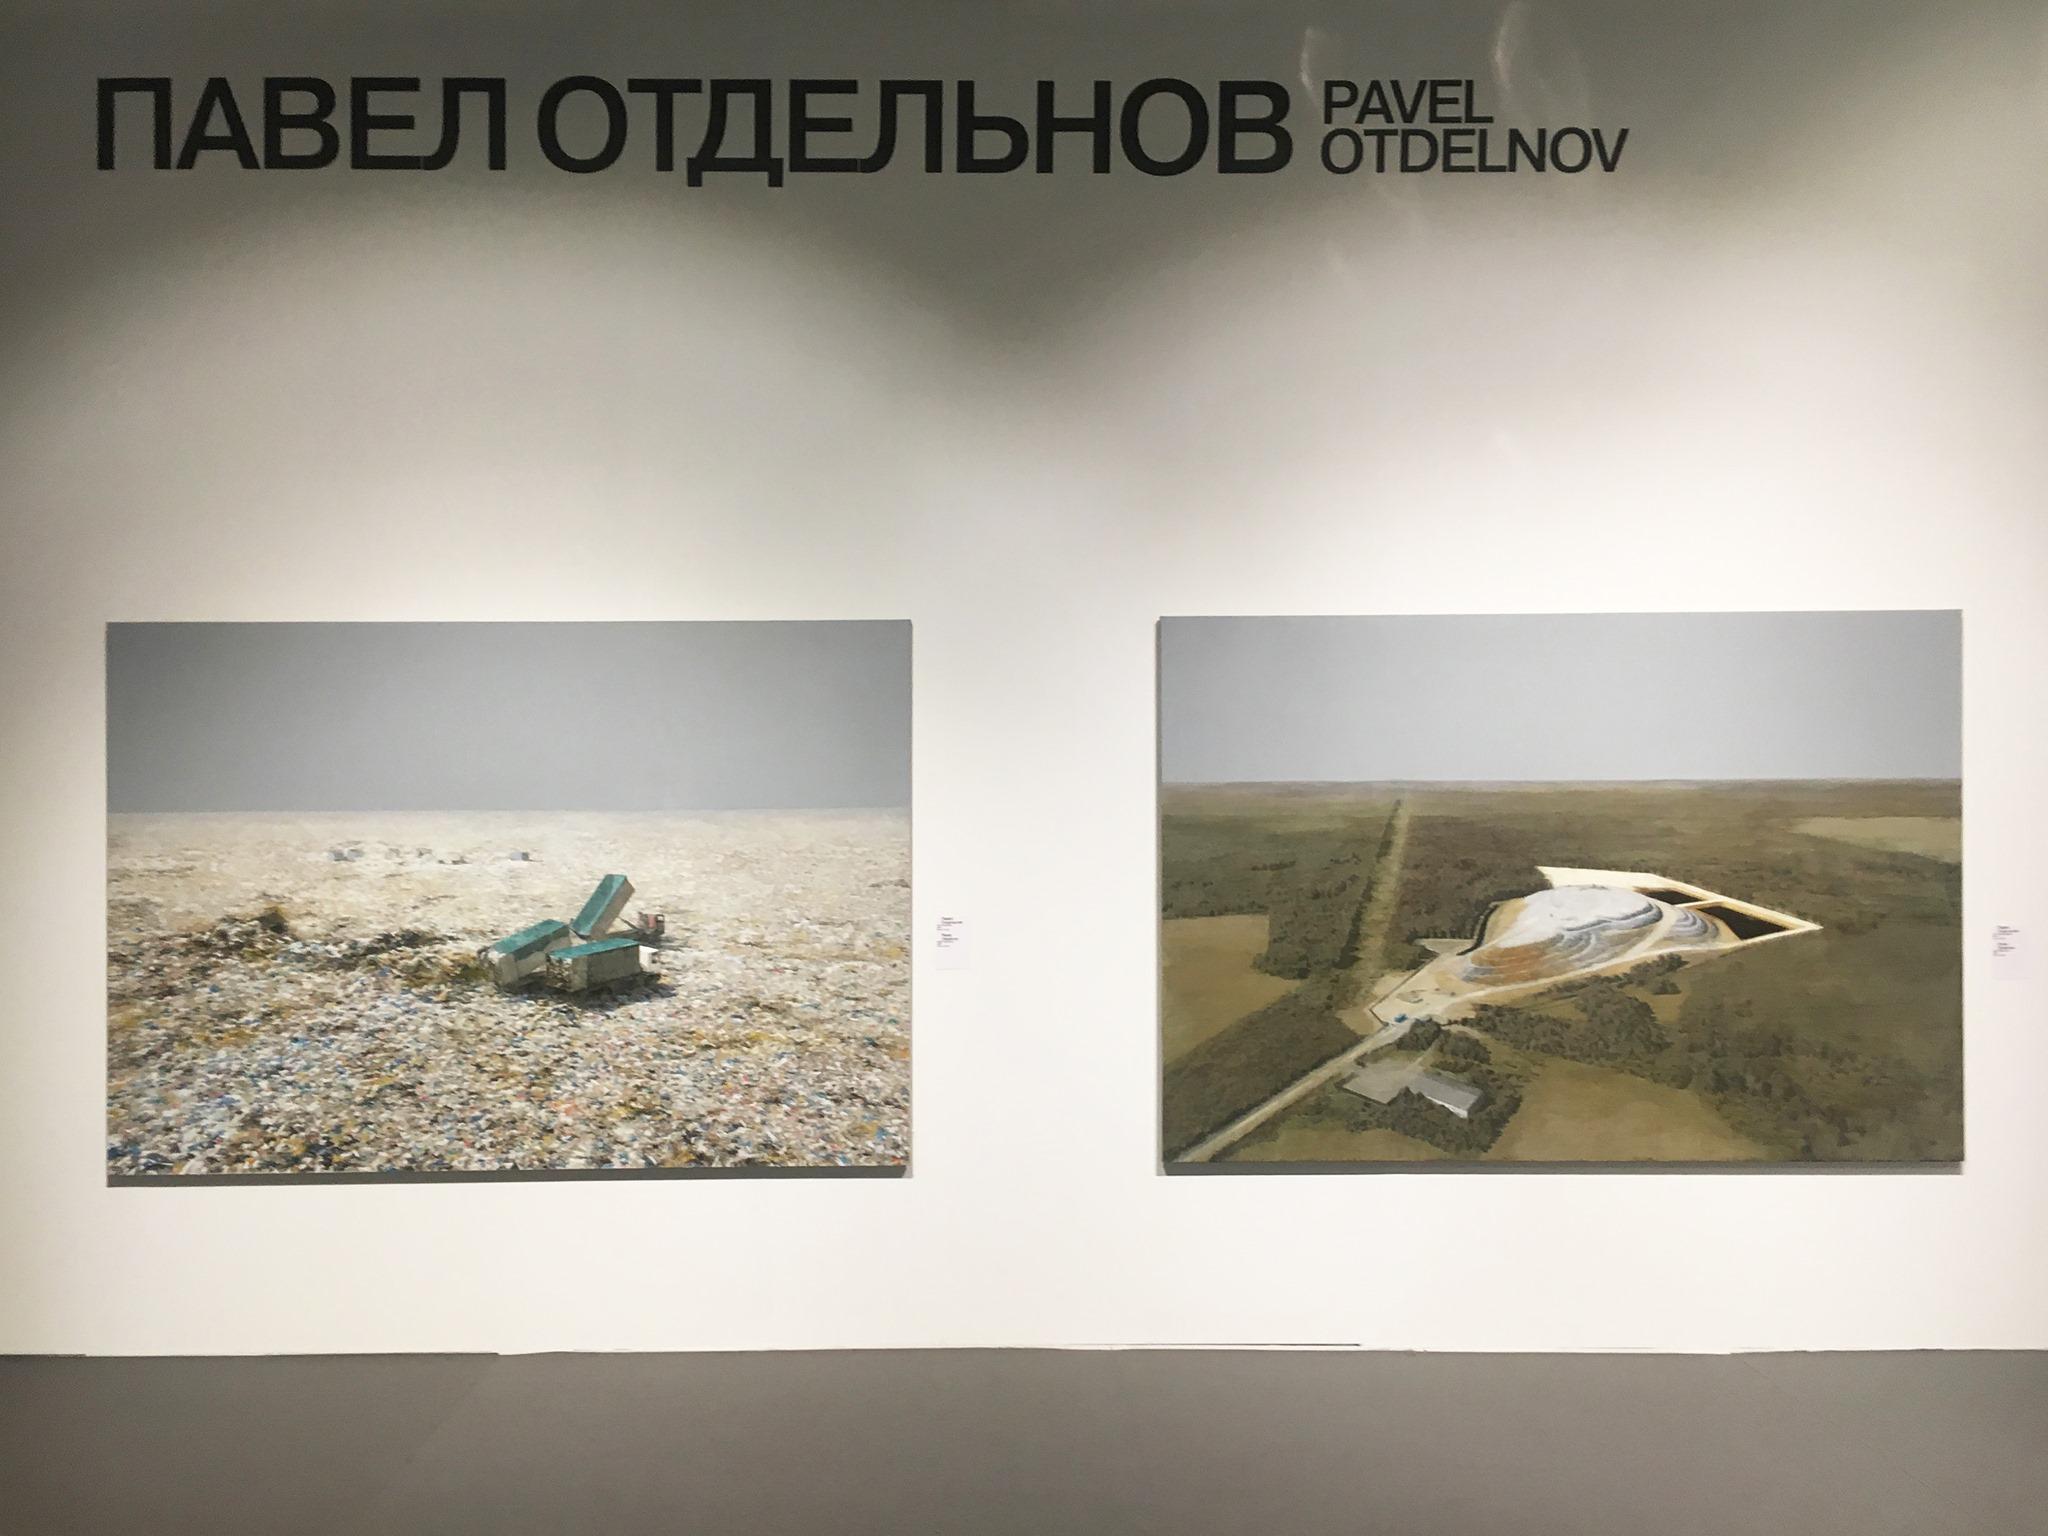 Павел Отдельнов, 8-я Московской международной биеннале современного искусства: «Ориентирование на местности», 2019